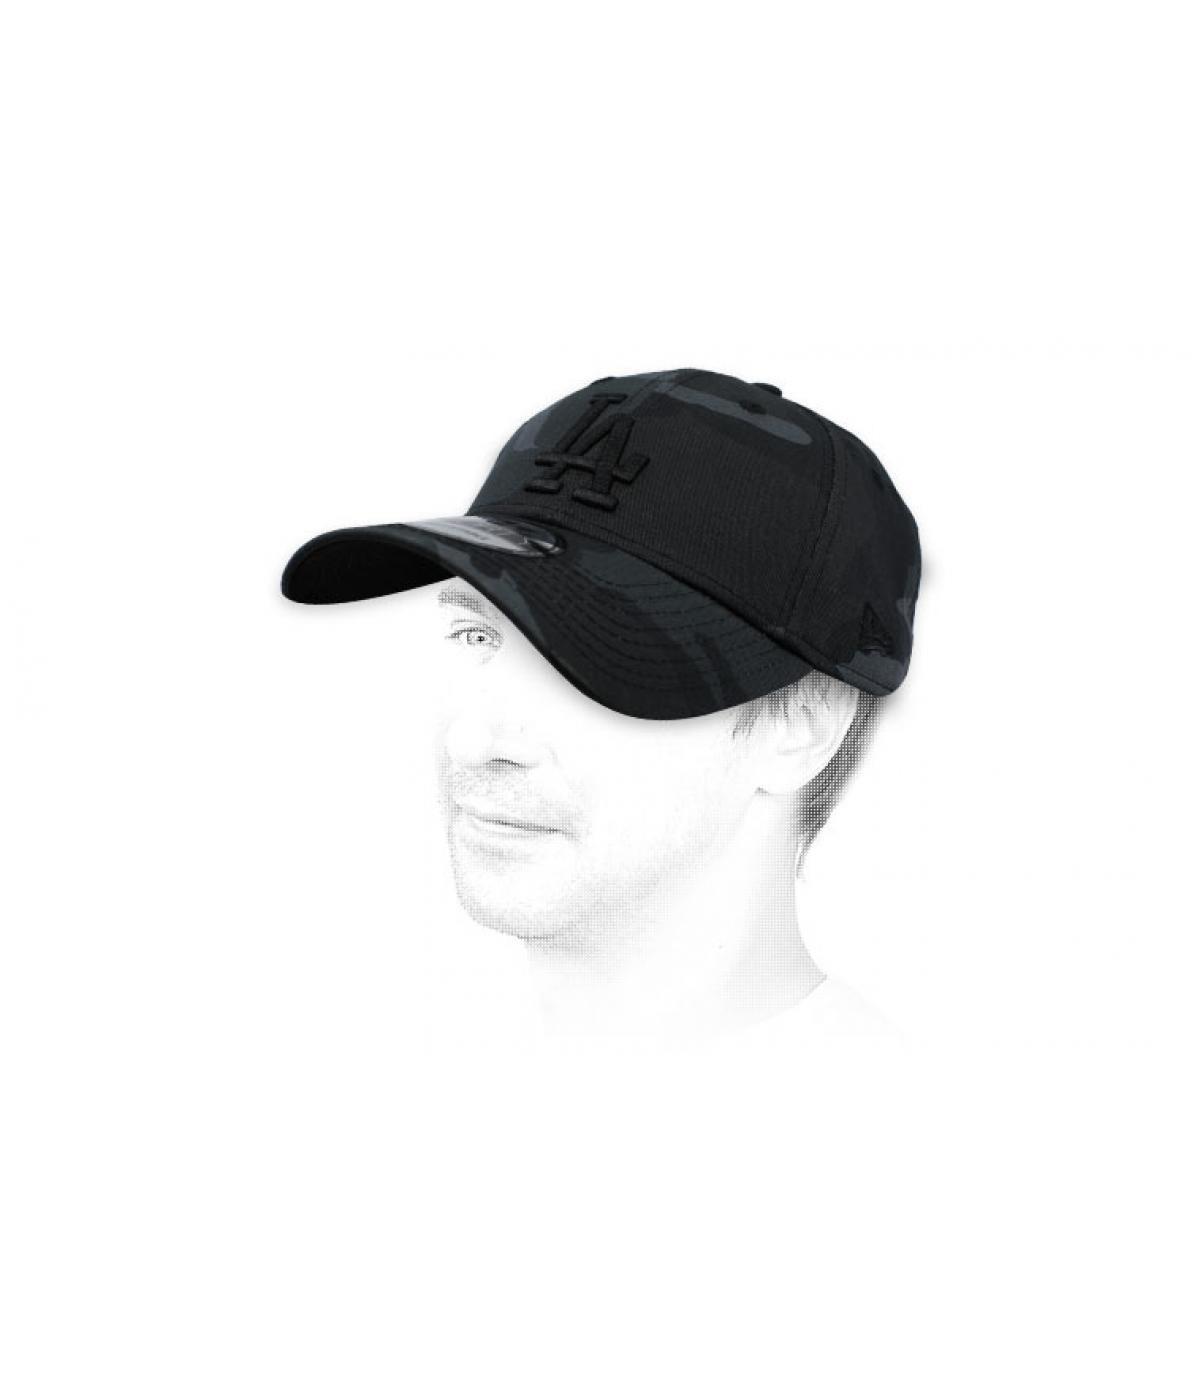 gorra LA camo negro